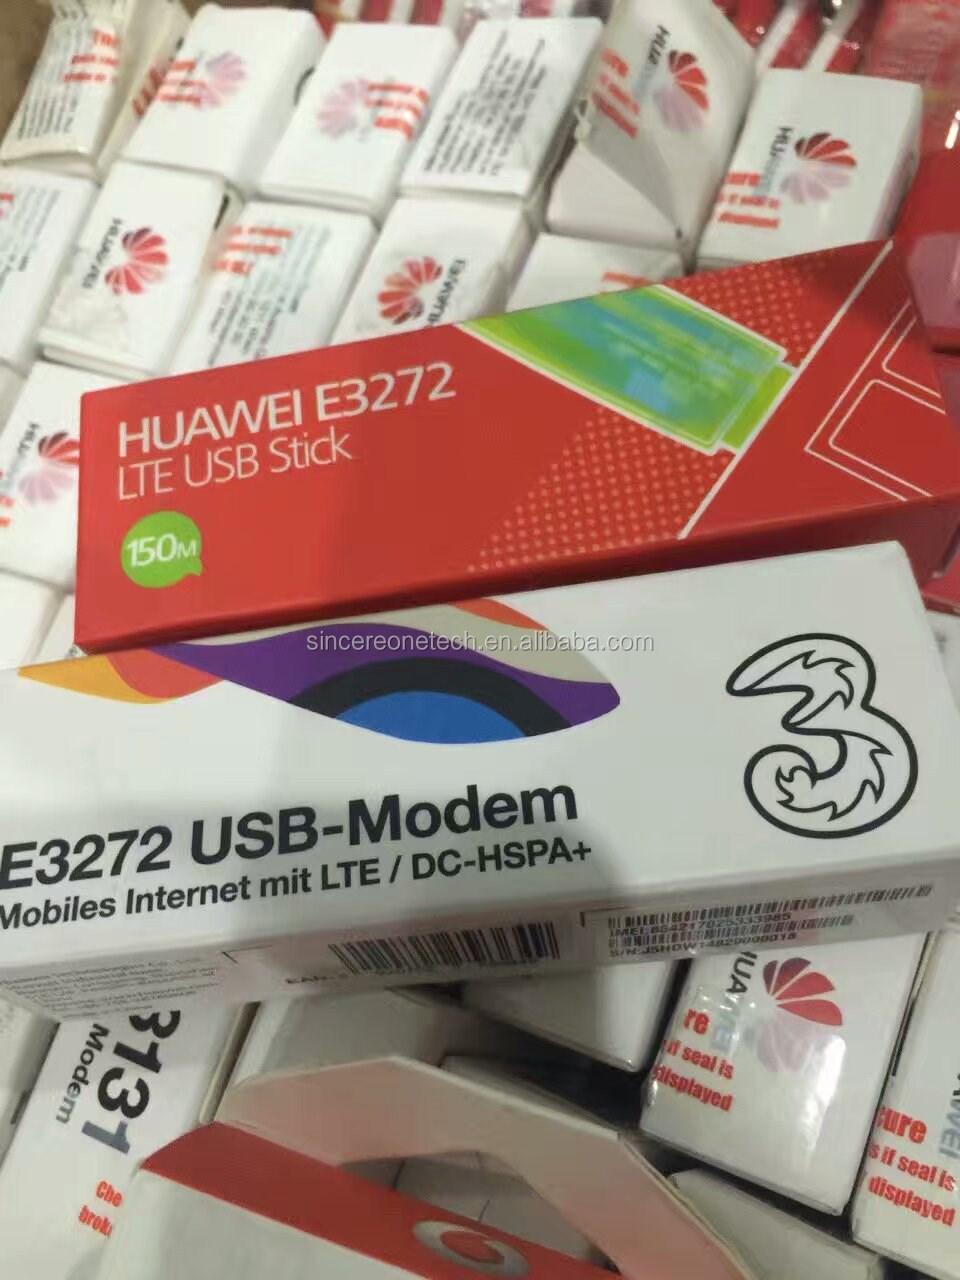 Huawei E3272 Lte Cat4 Usb Stick